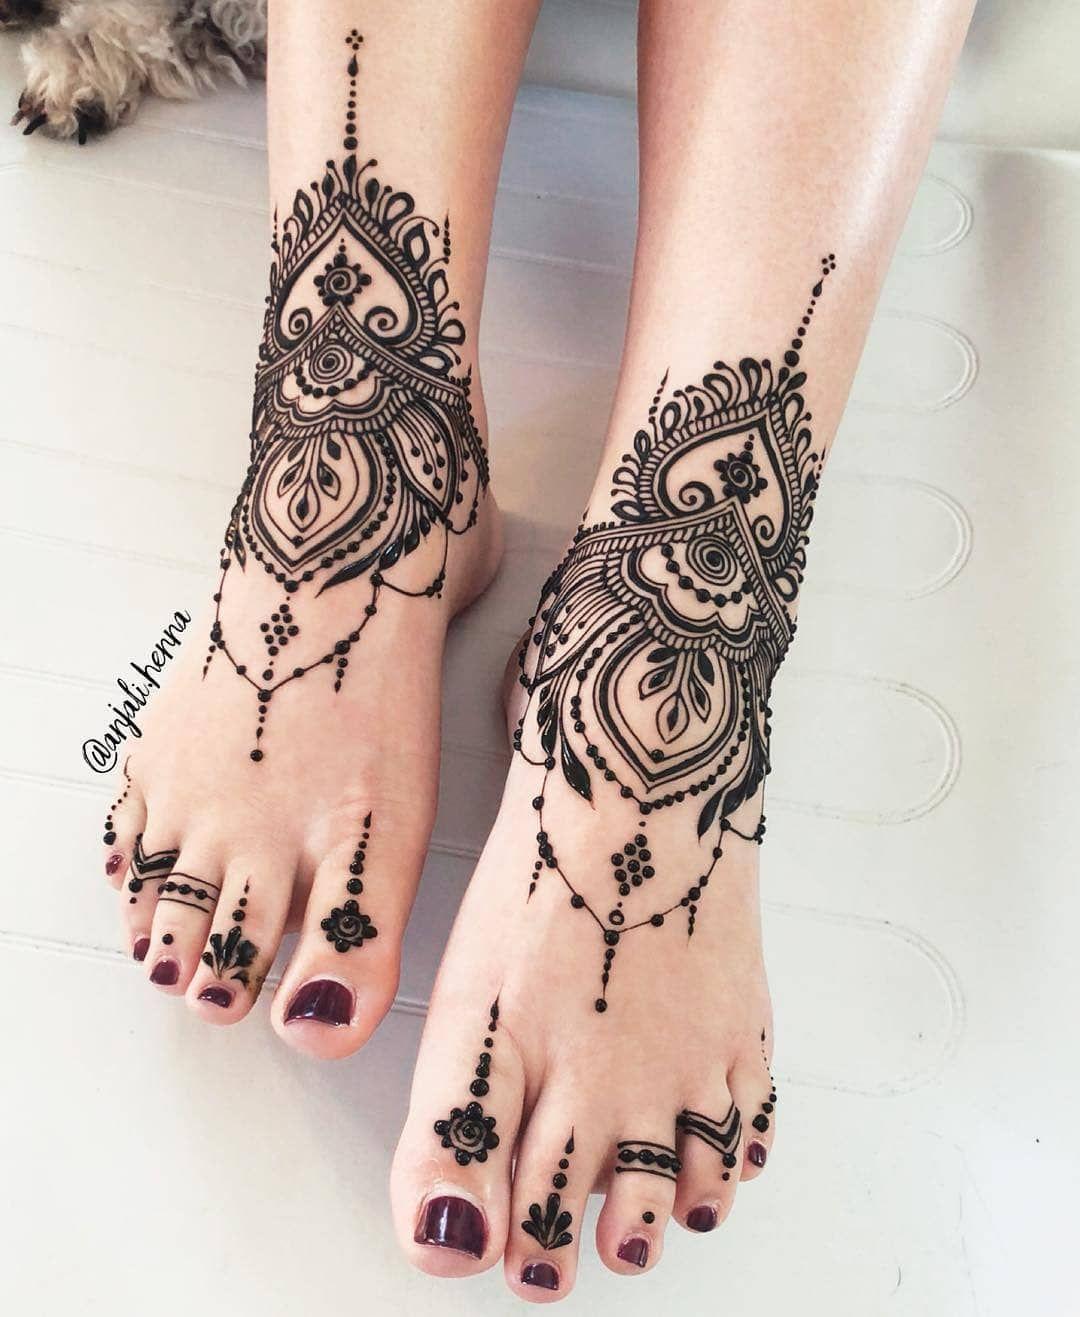 Some Steal Worthy Mehndi Design Ideas Spotted On Instagram In 2020 Henna Designs Feet Foot Henna Henna Tattoo Designs